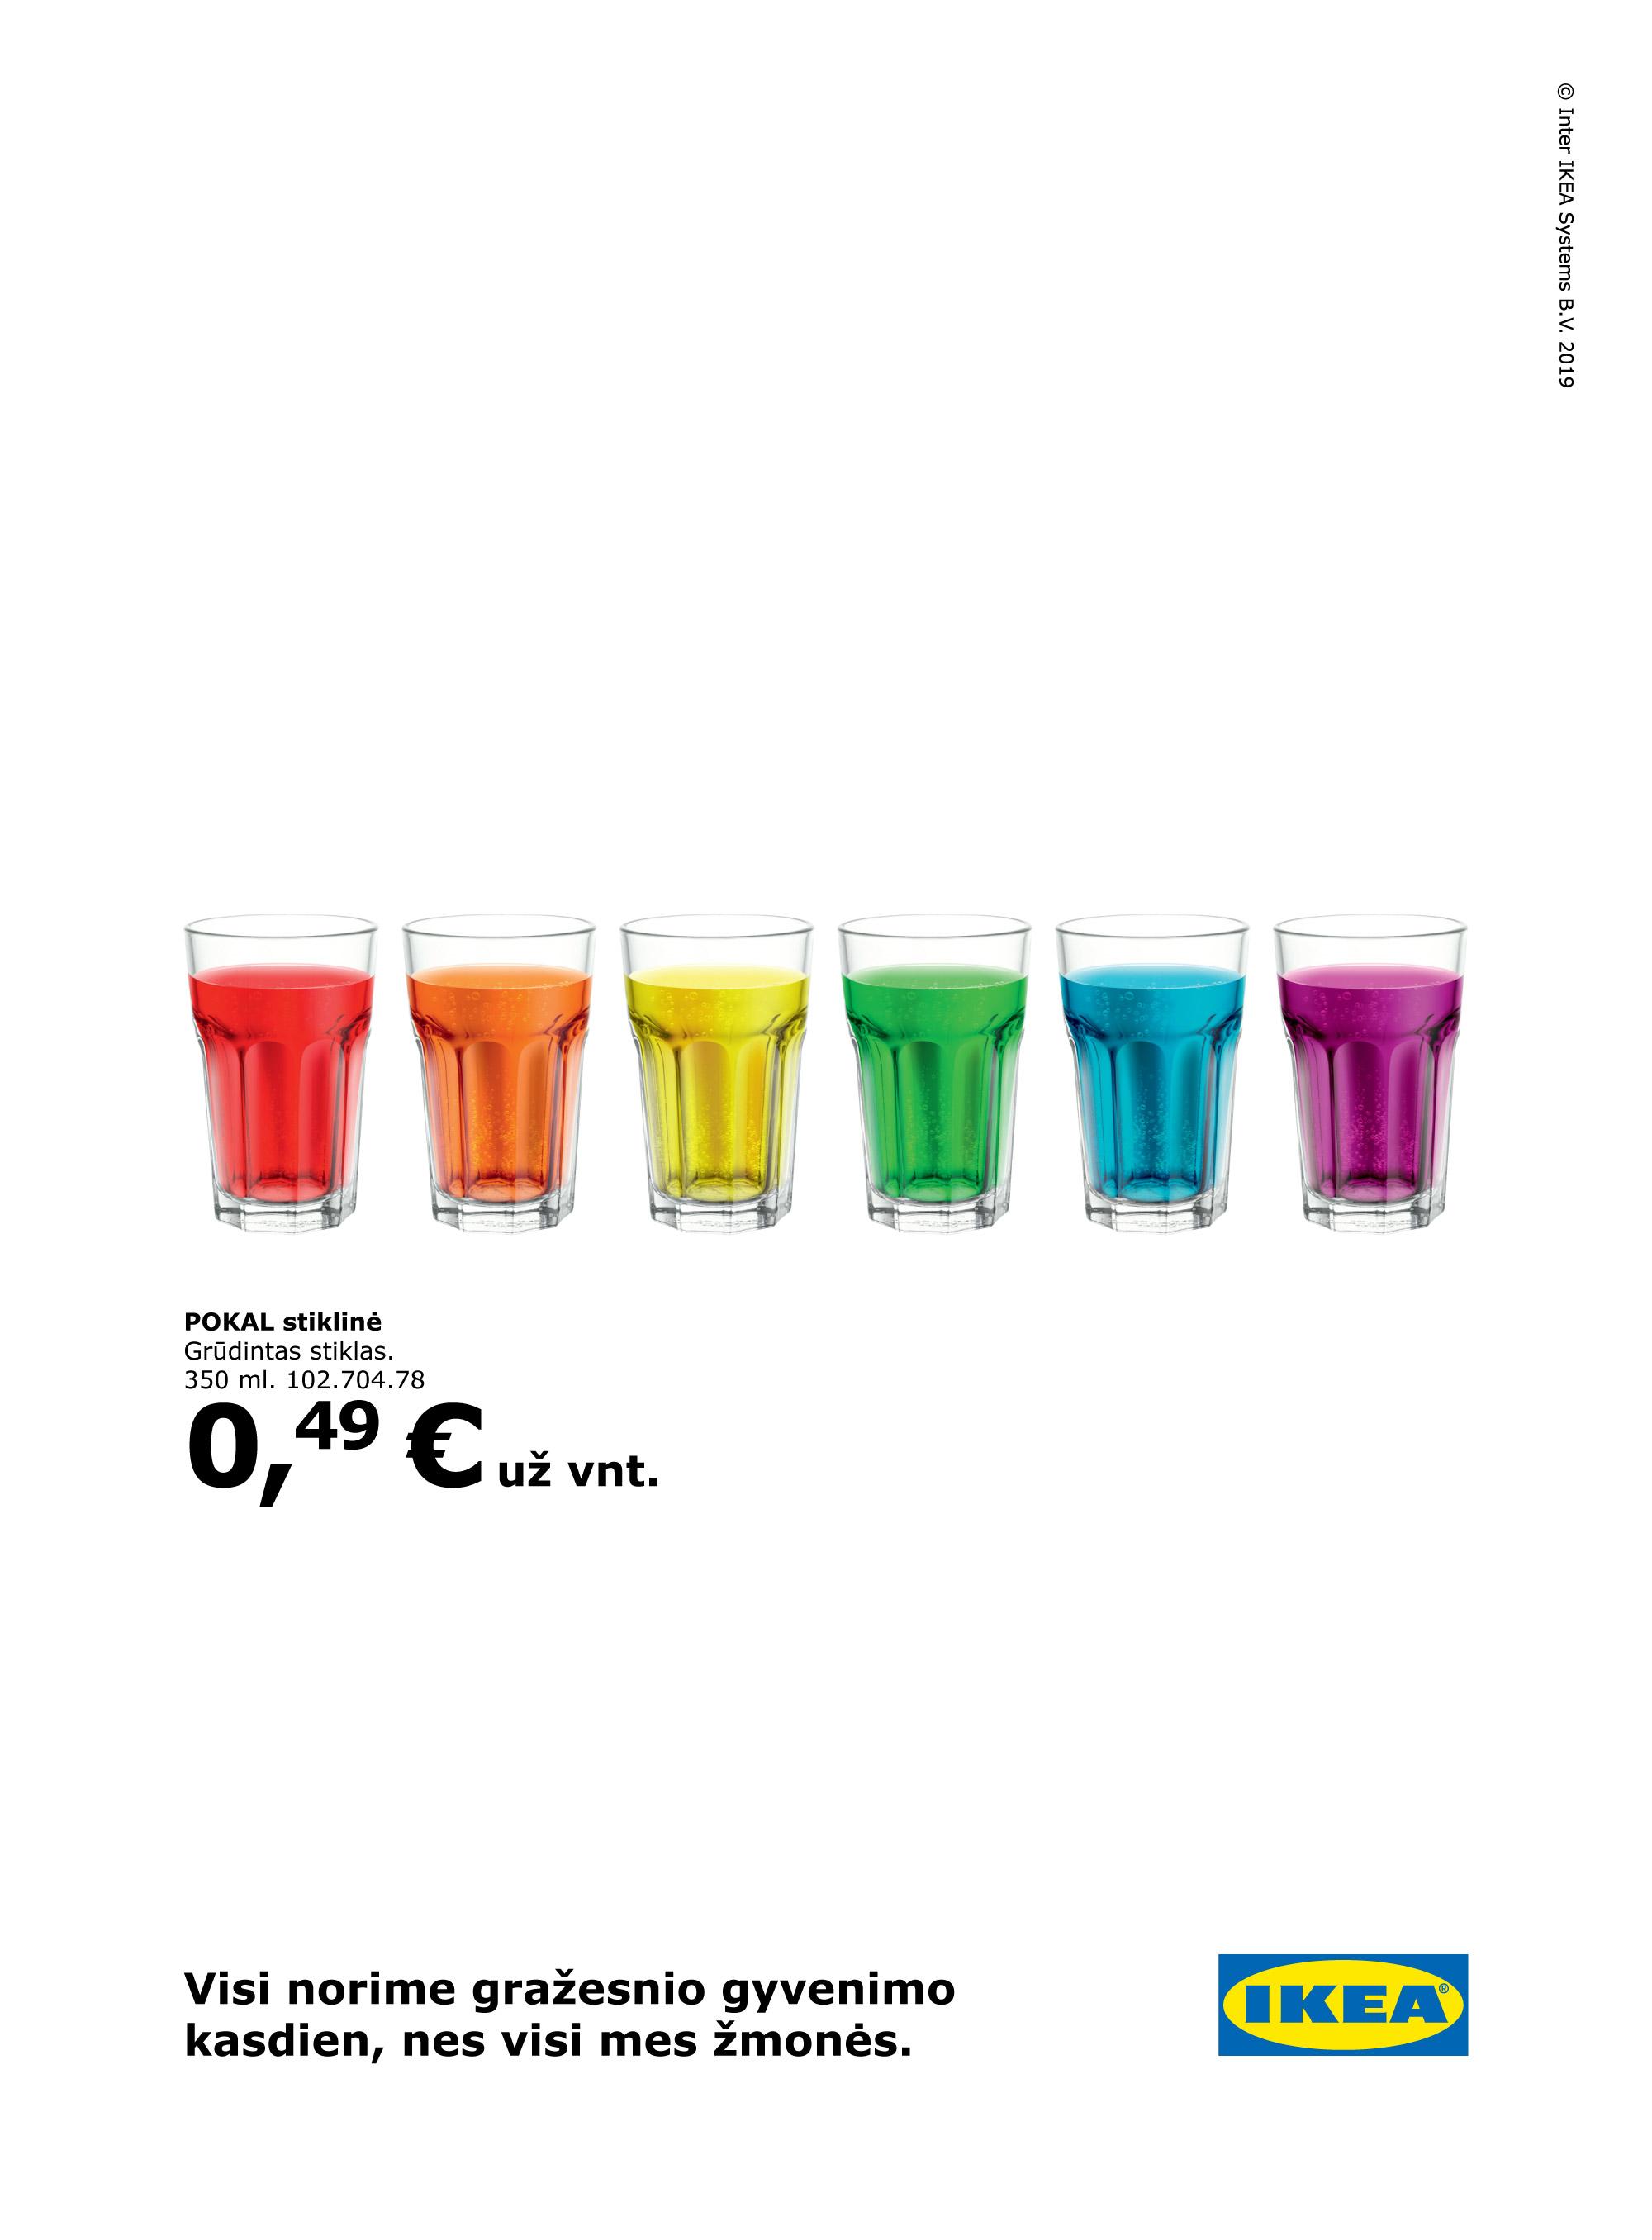 Zmones-IKEA.jpg